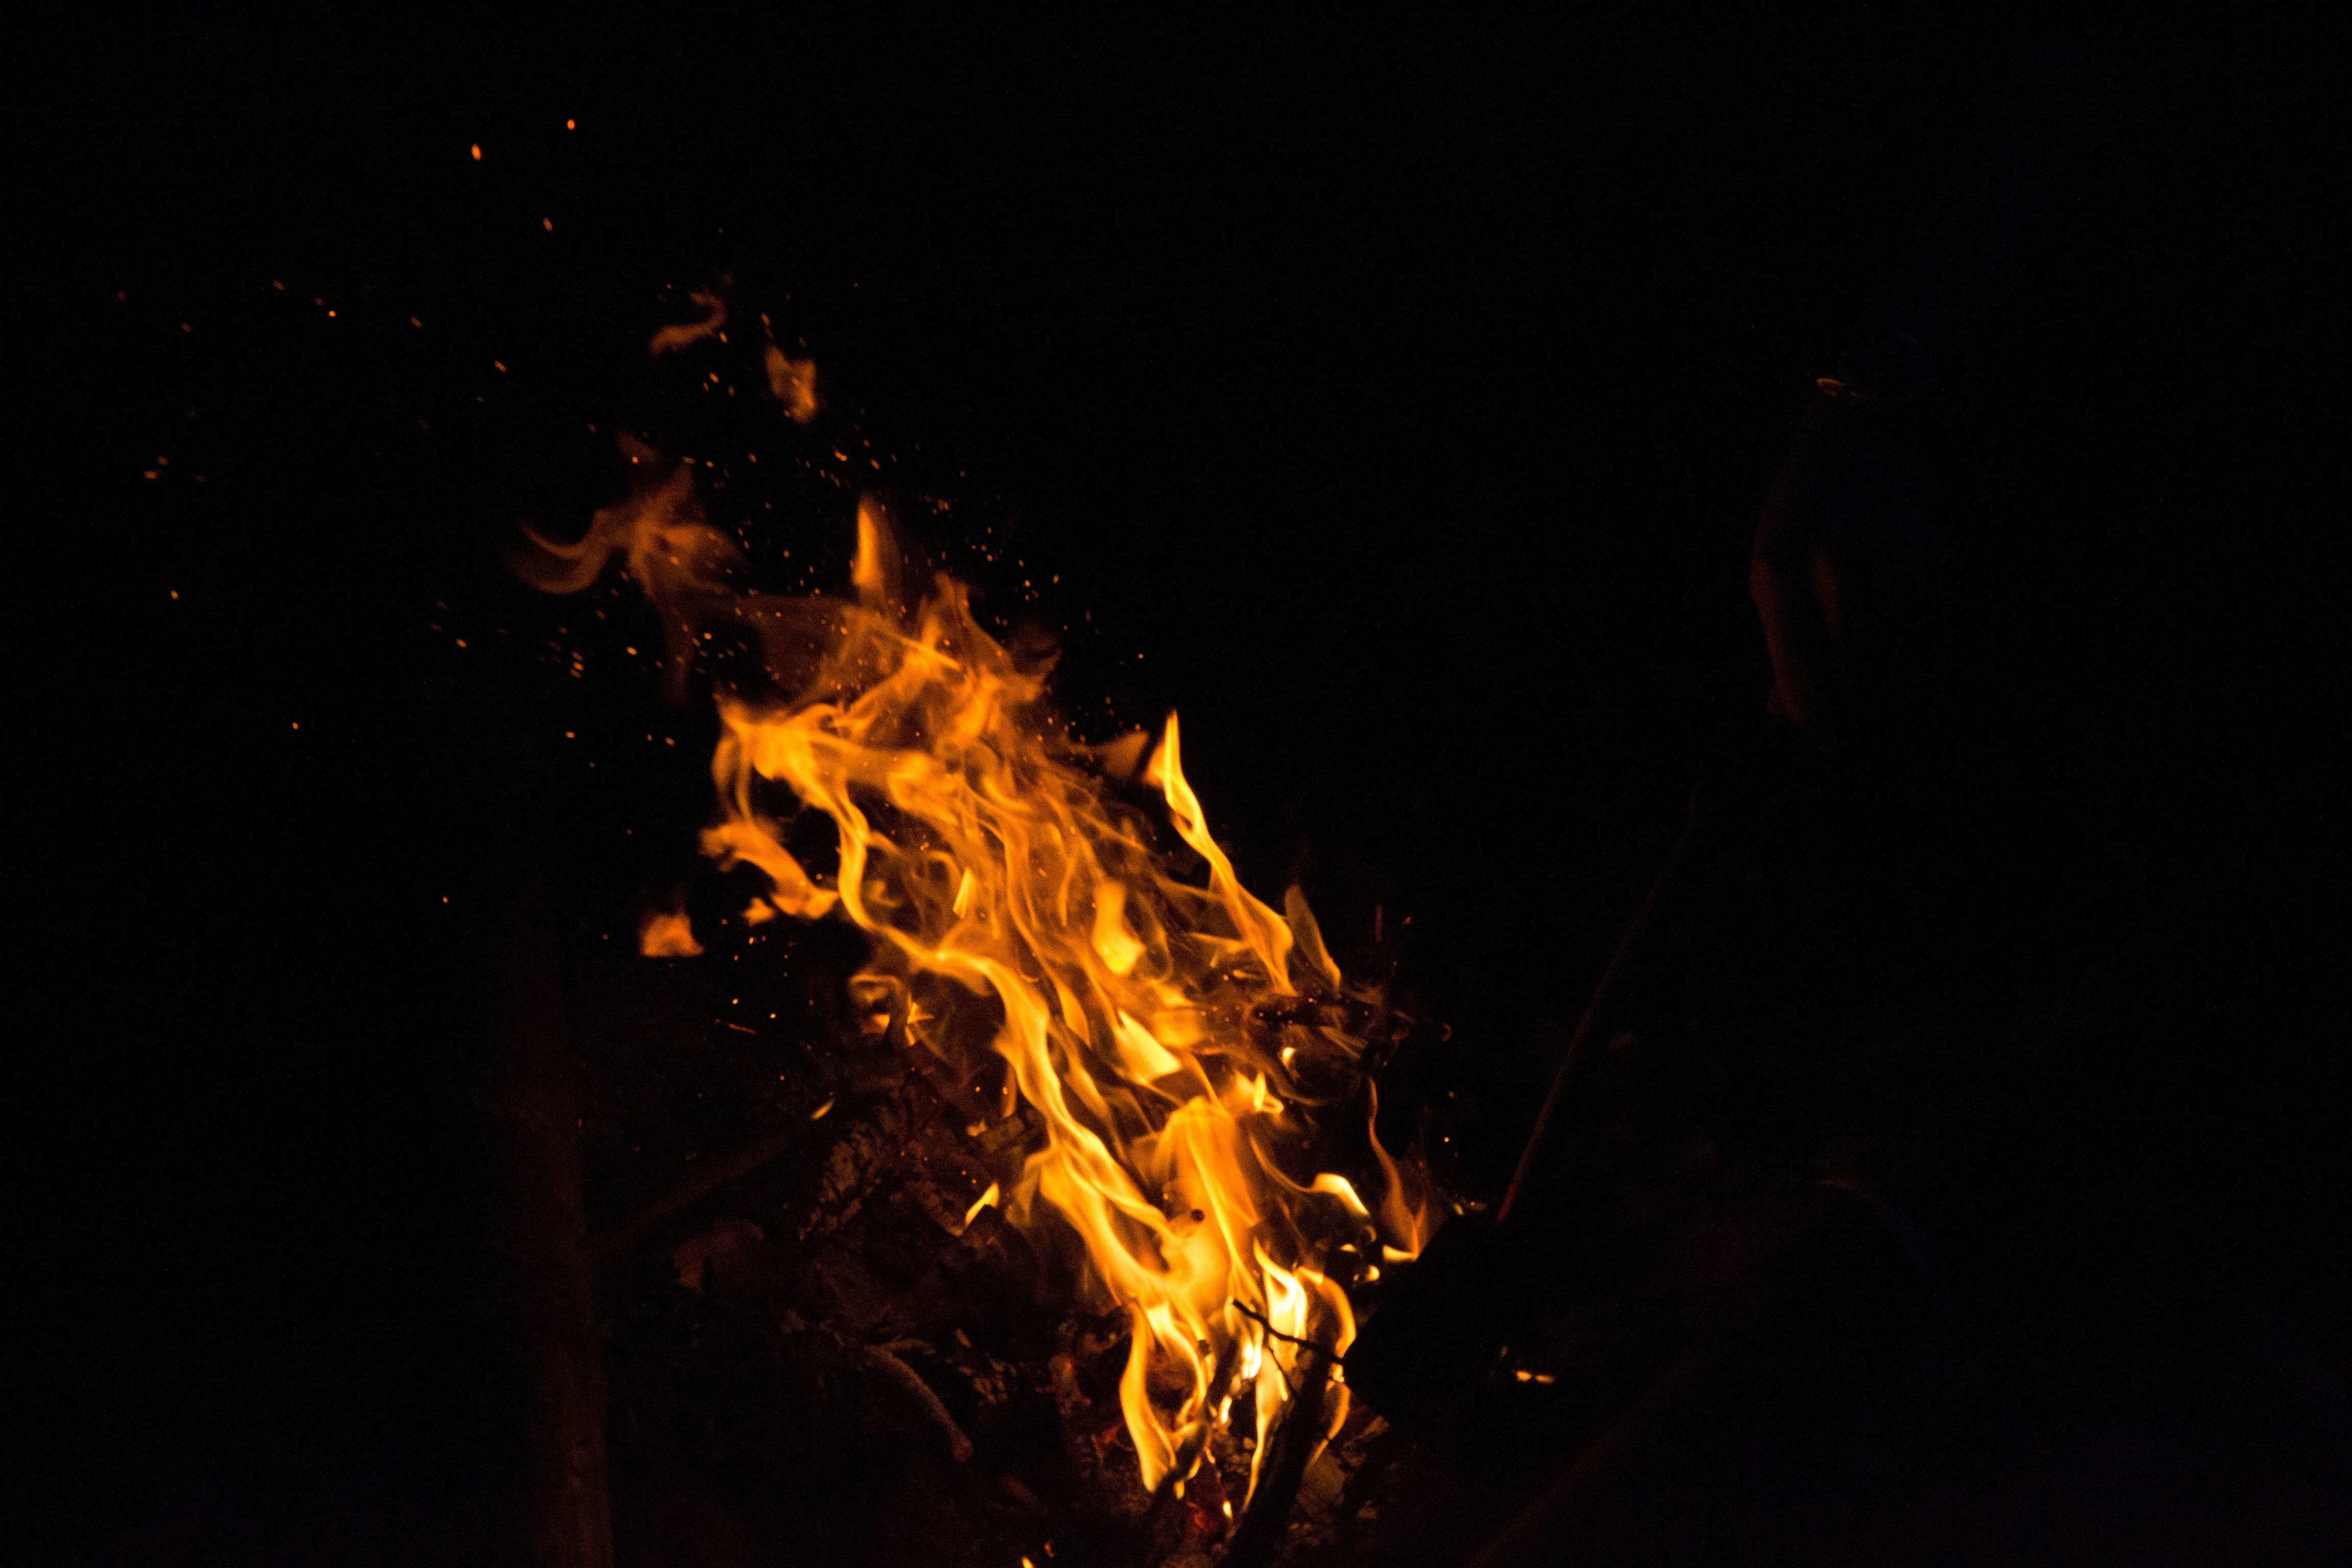 фото необычный огонь в черном фоне кожи возникает результате